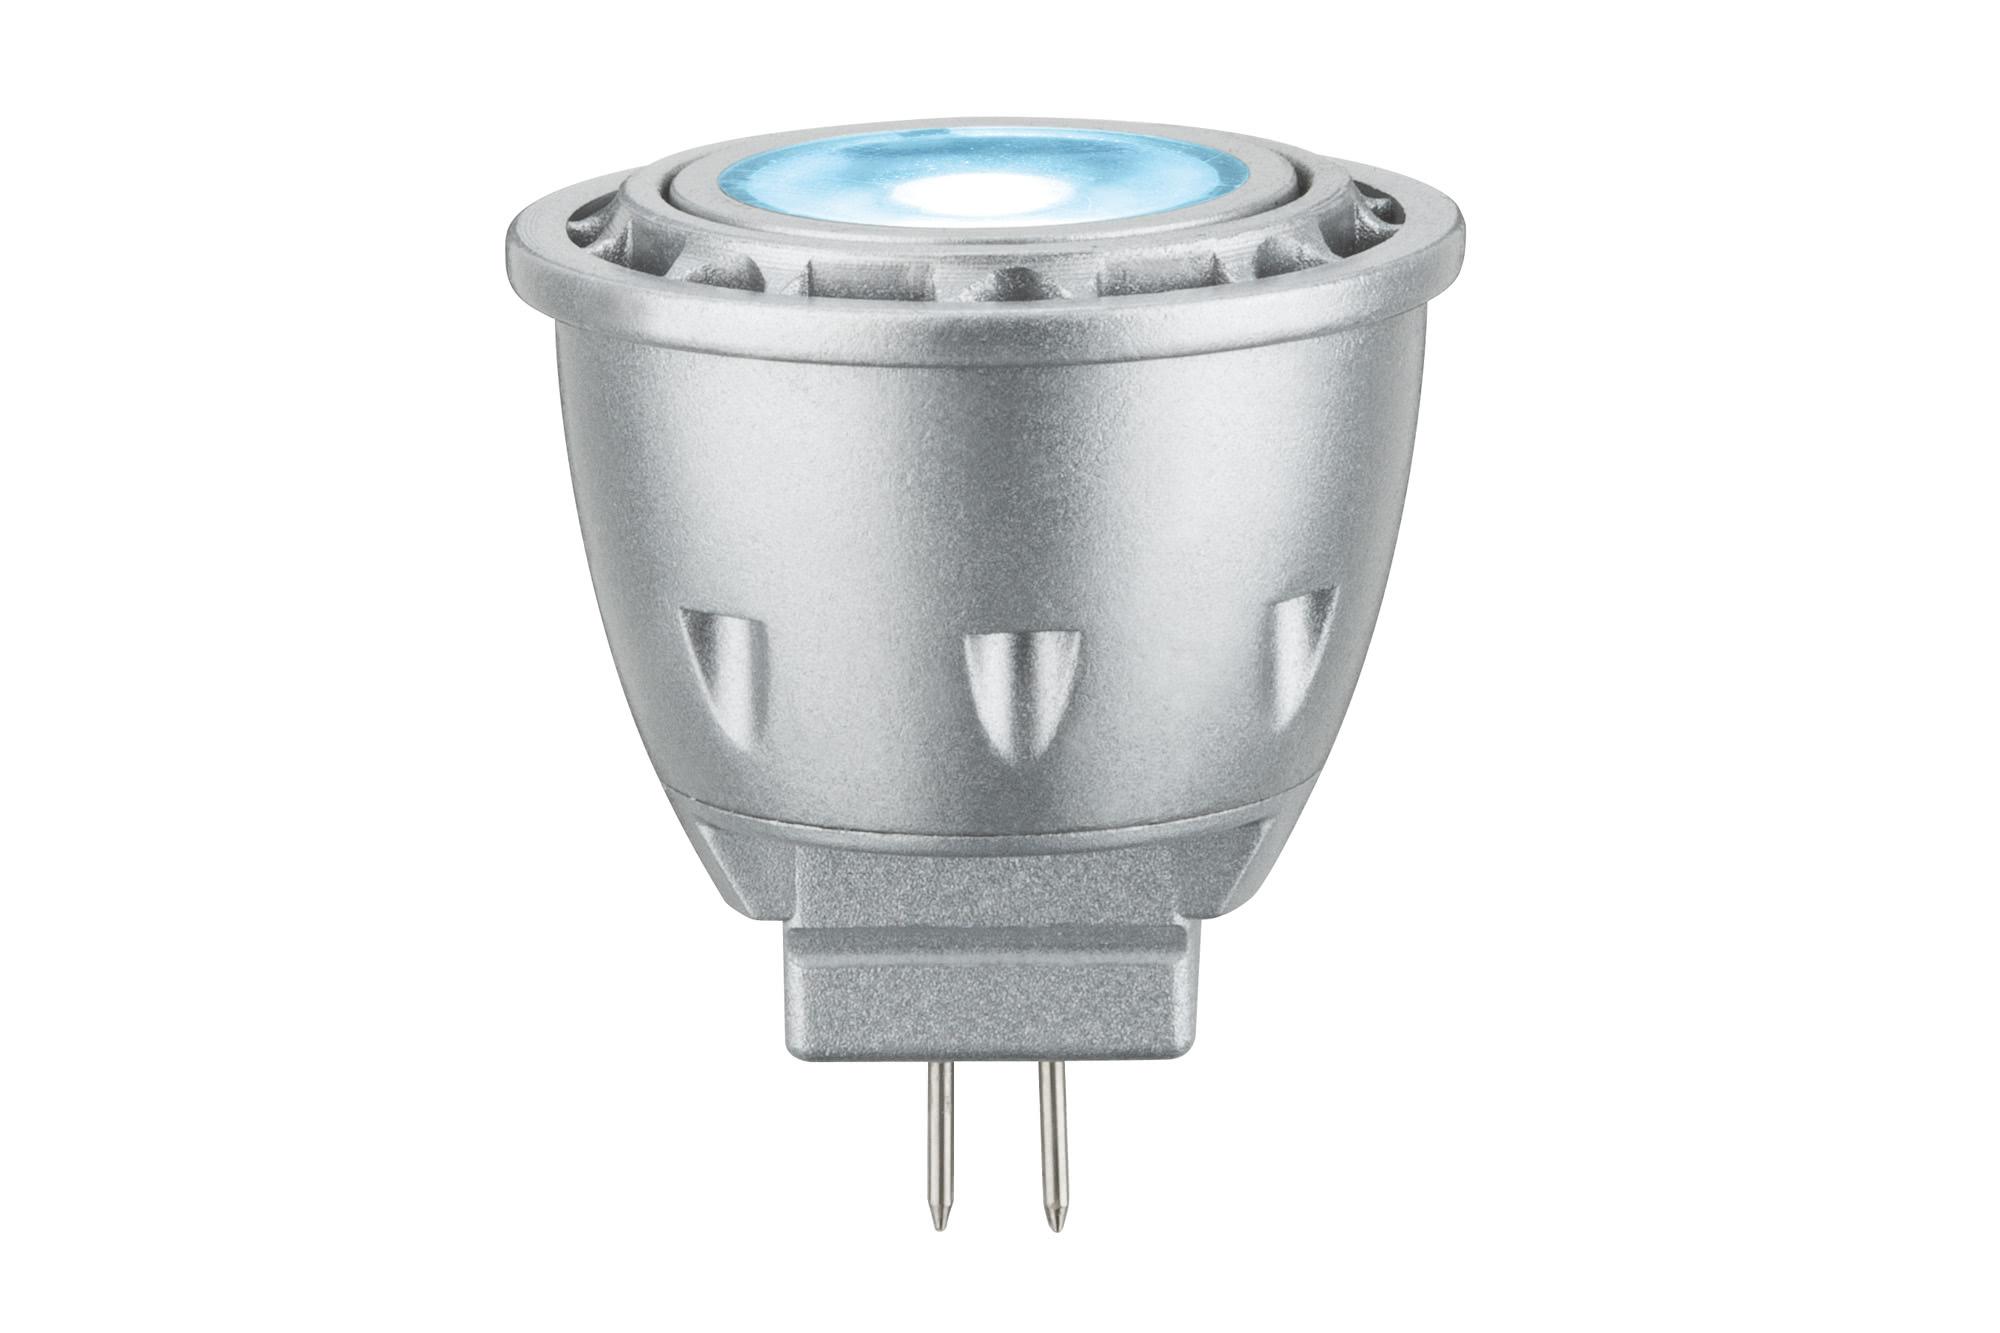 Paulmann. 28288 LED Reflektor 4W GU4 12V Iceblue 35mm